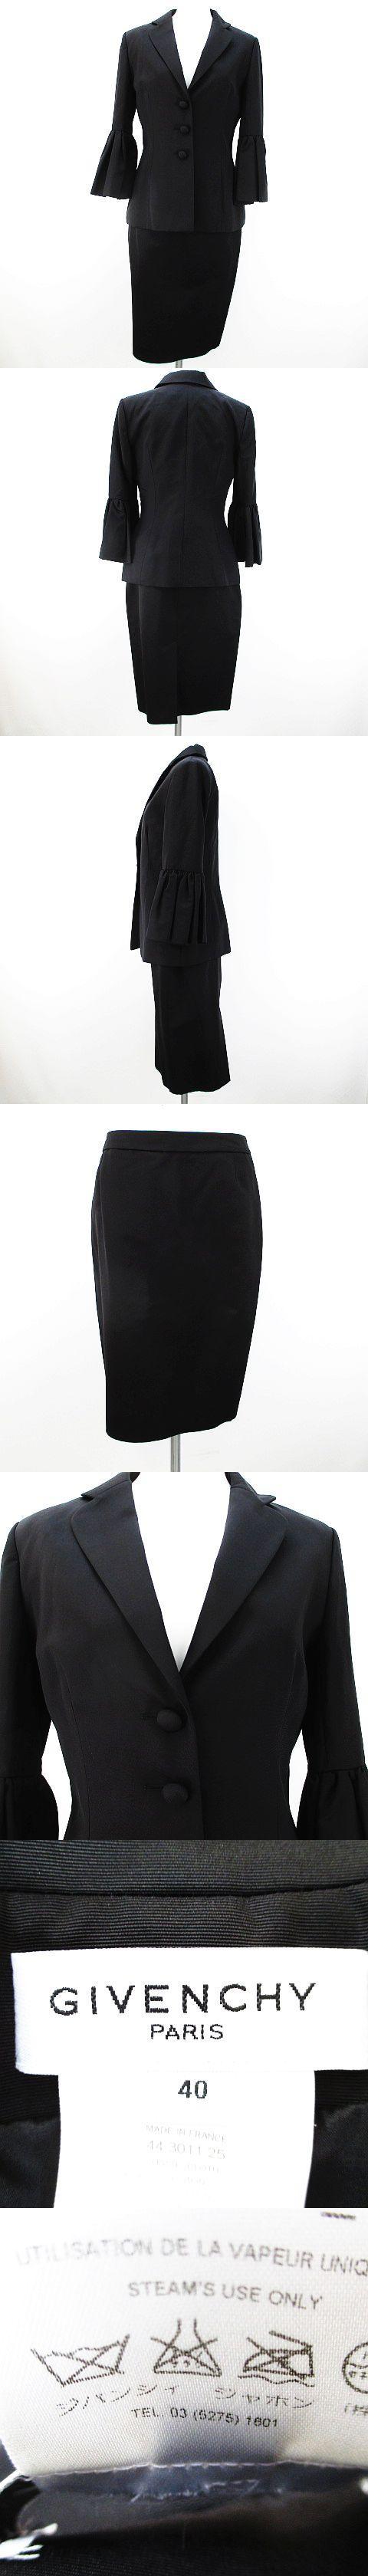 セットアップ スカートスーツ 上下 ジャケット 40 38 膝丈 タイト 袖フレア 裏地 ボタン シルク 絹 綿 コットン